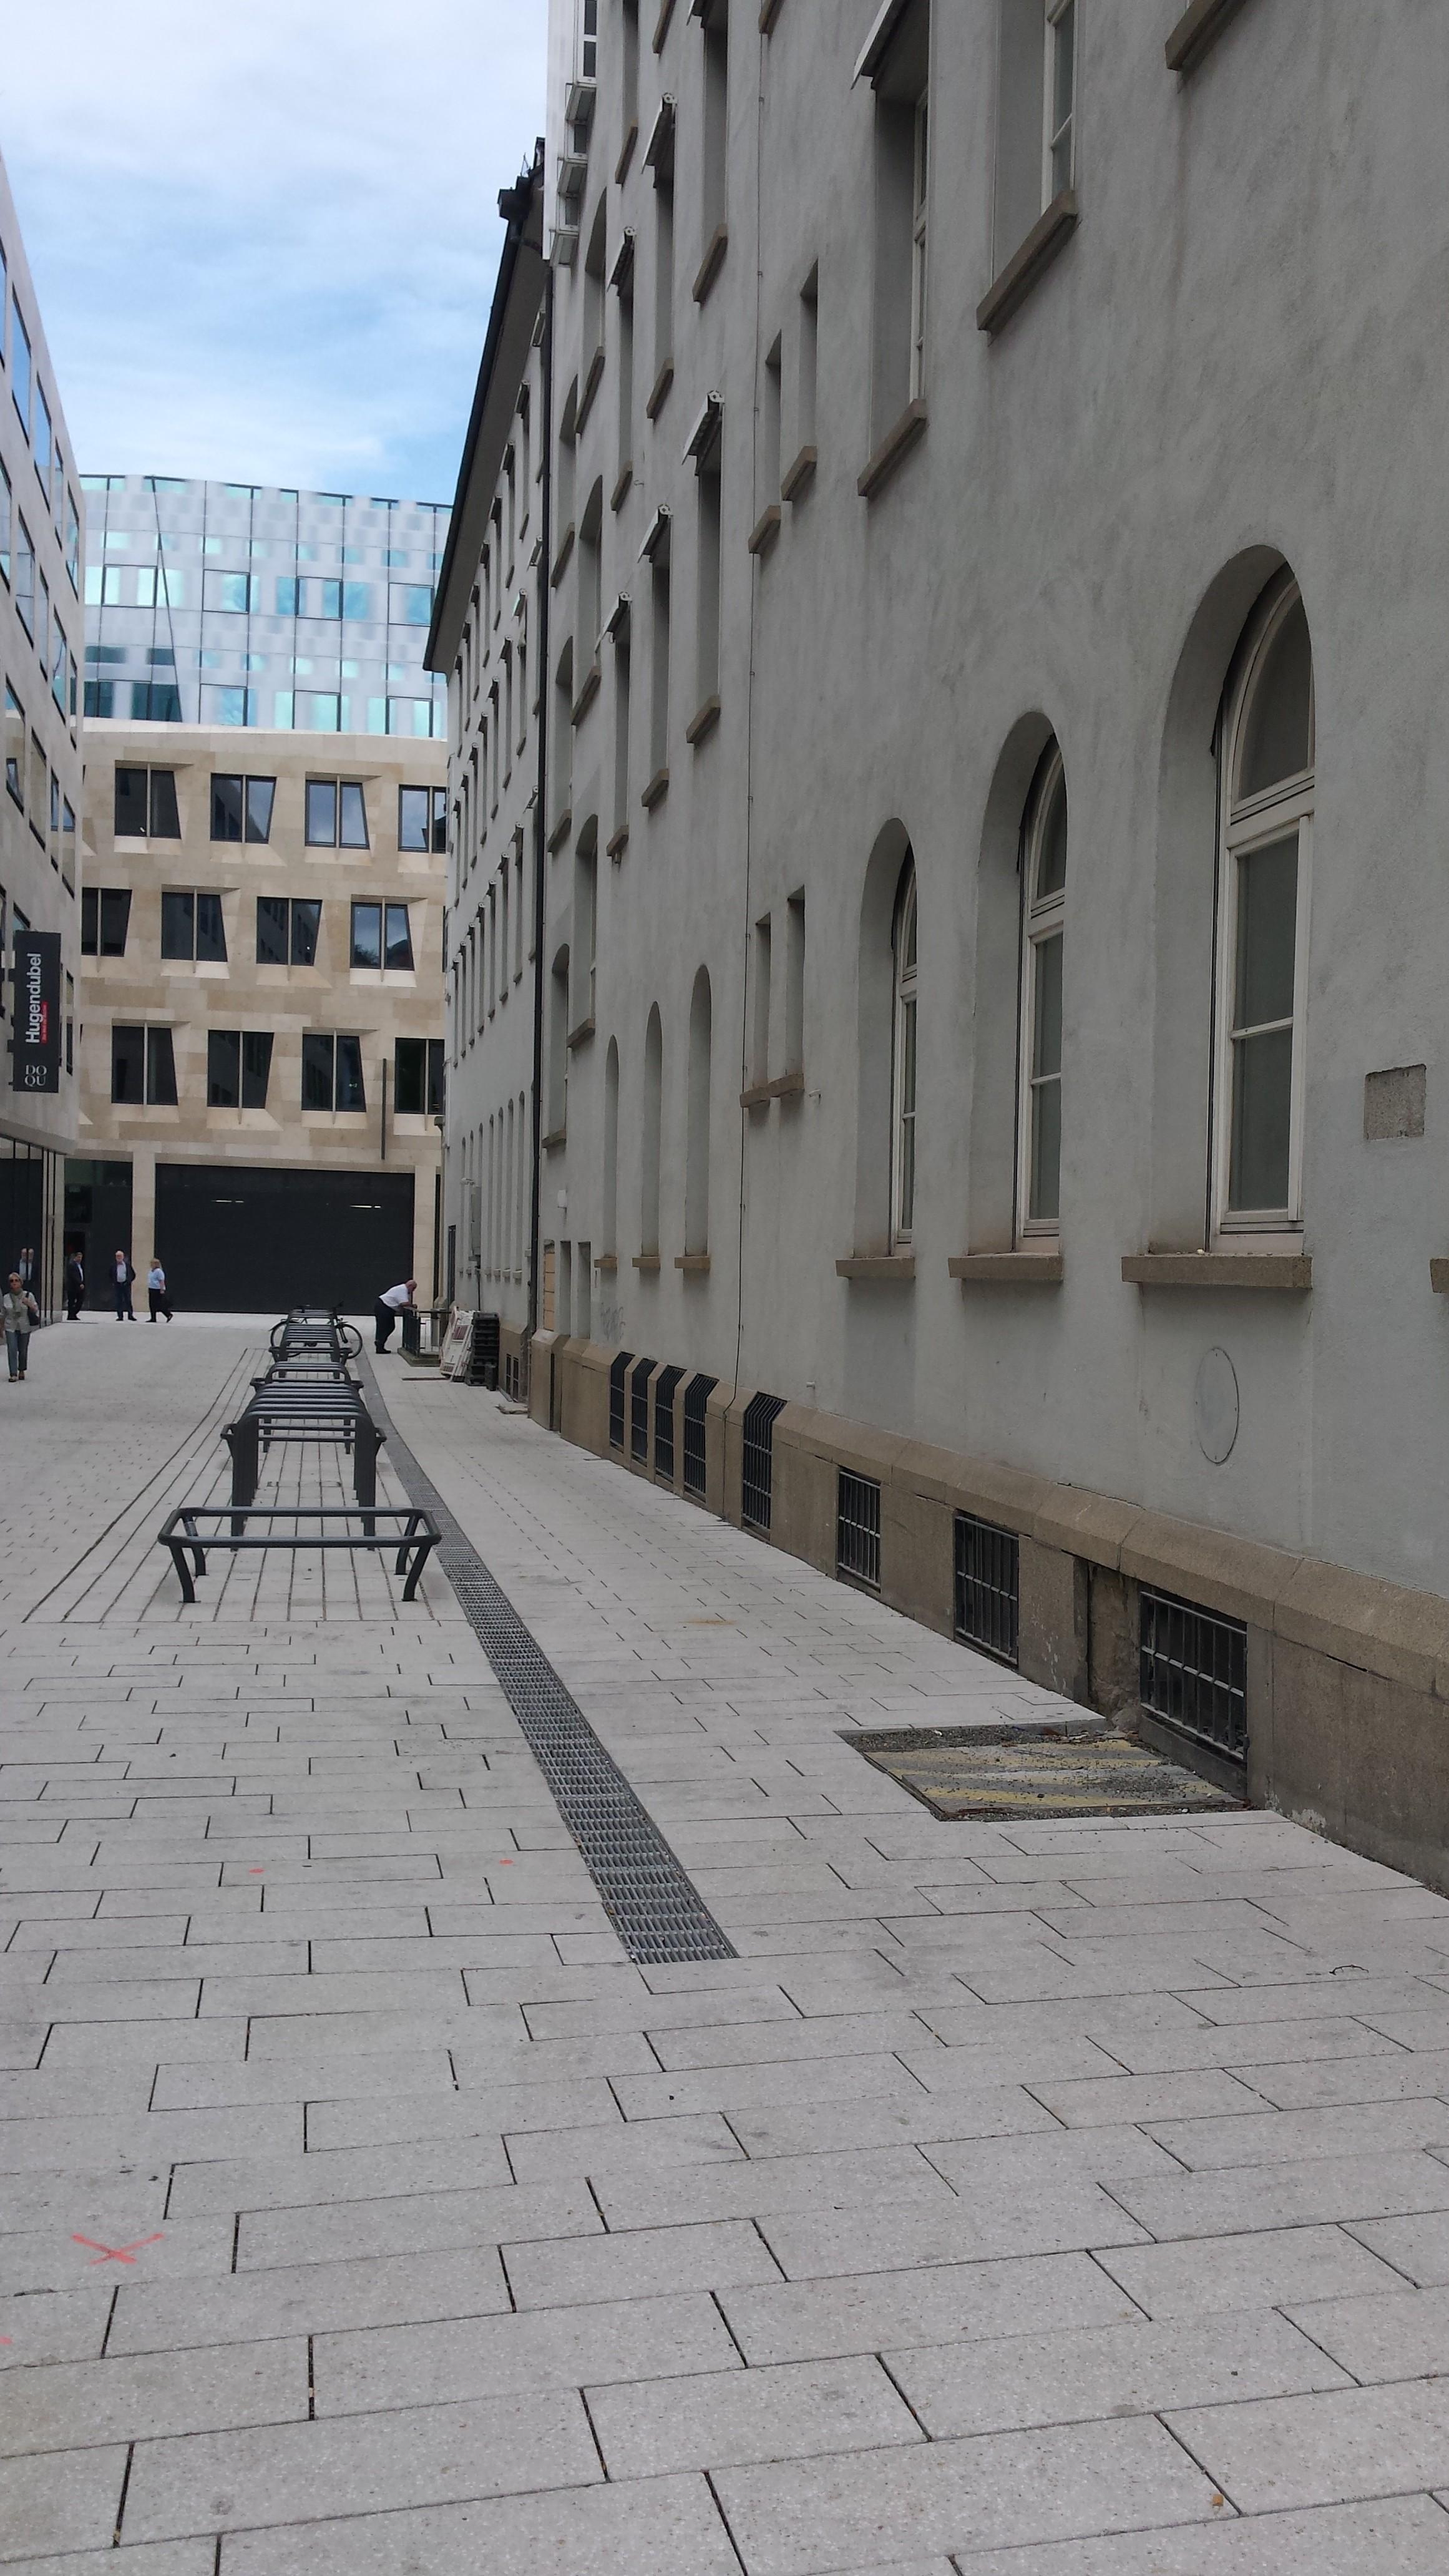 Die Strasse hinterm Hotel Silber heißt jetzt Else-Josenhans-Straße